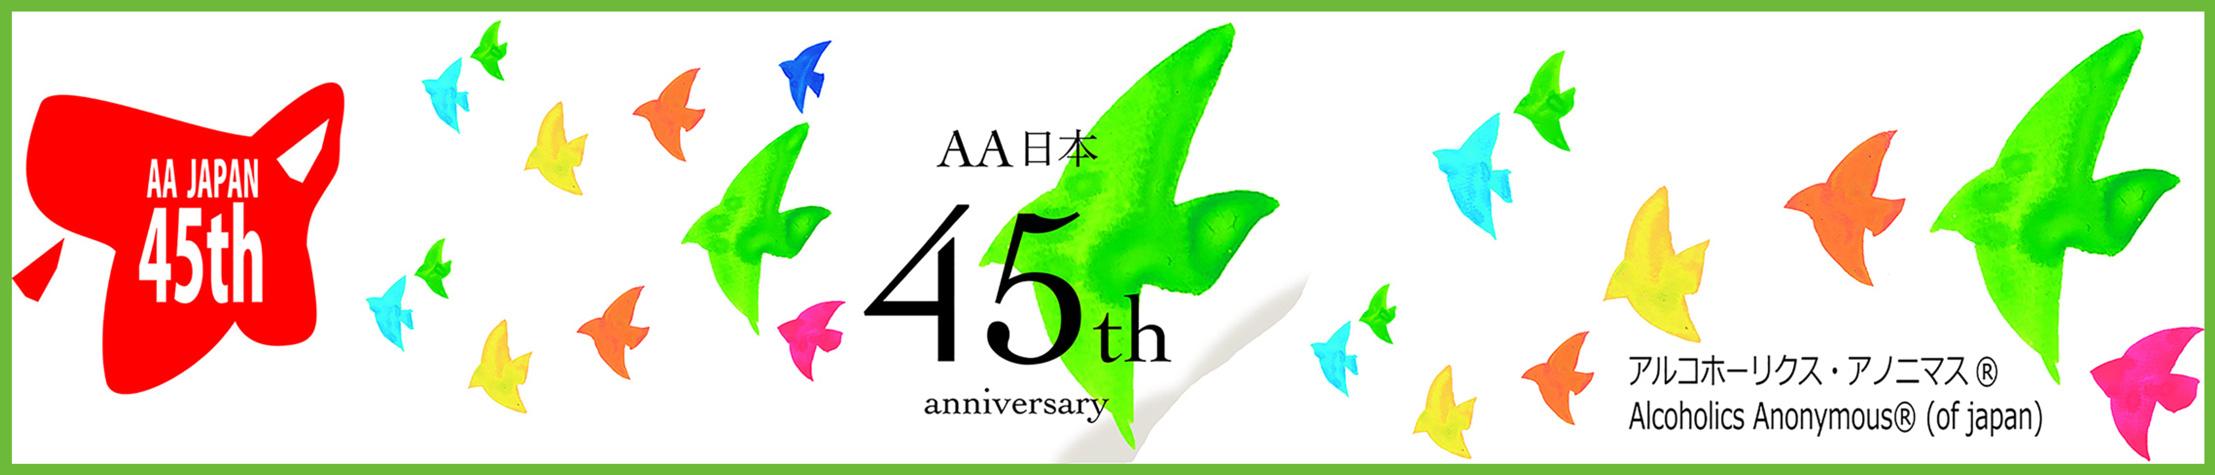 AA日本45周年記念集会